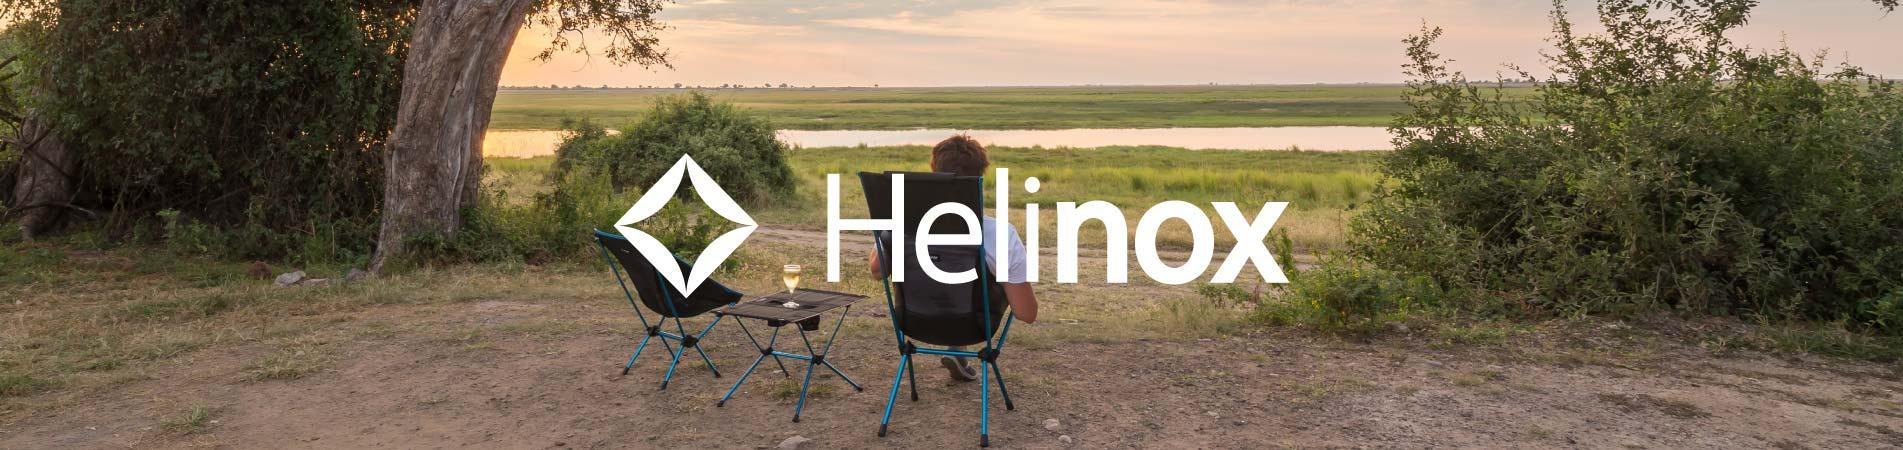 helinox-brand-banner-v1r2.jpg